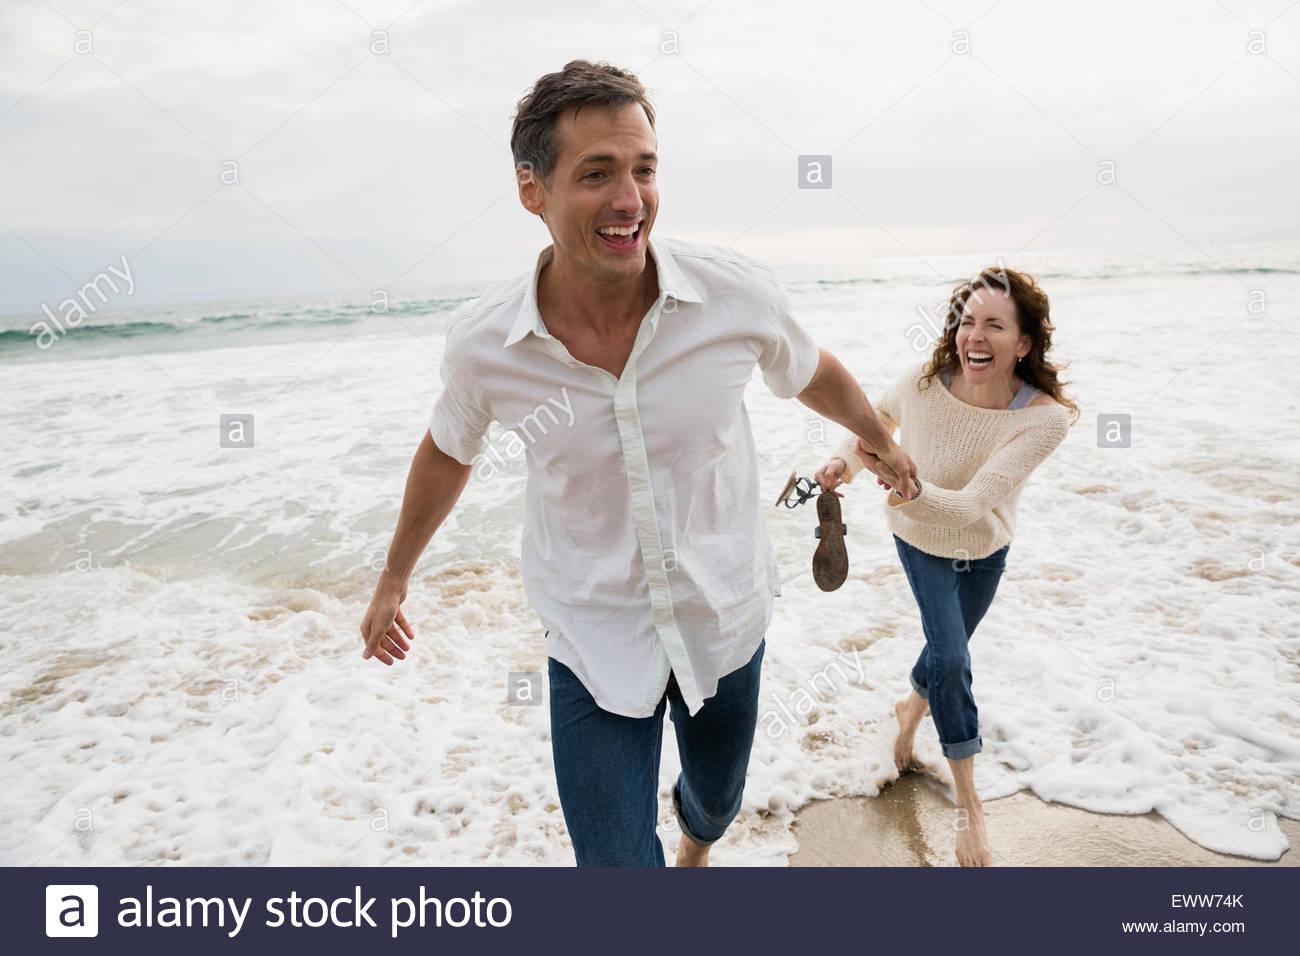 Giocoso giovane giocando in ocean surf Immagini Stock